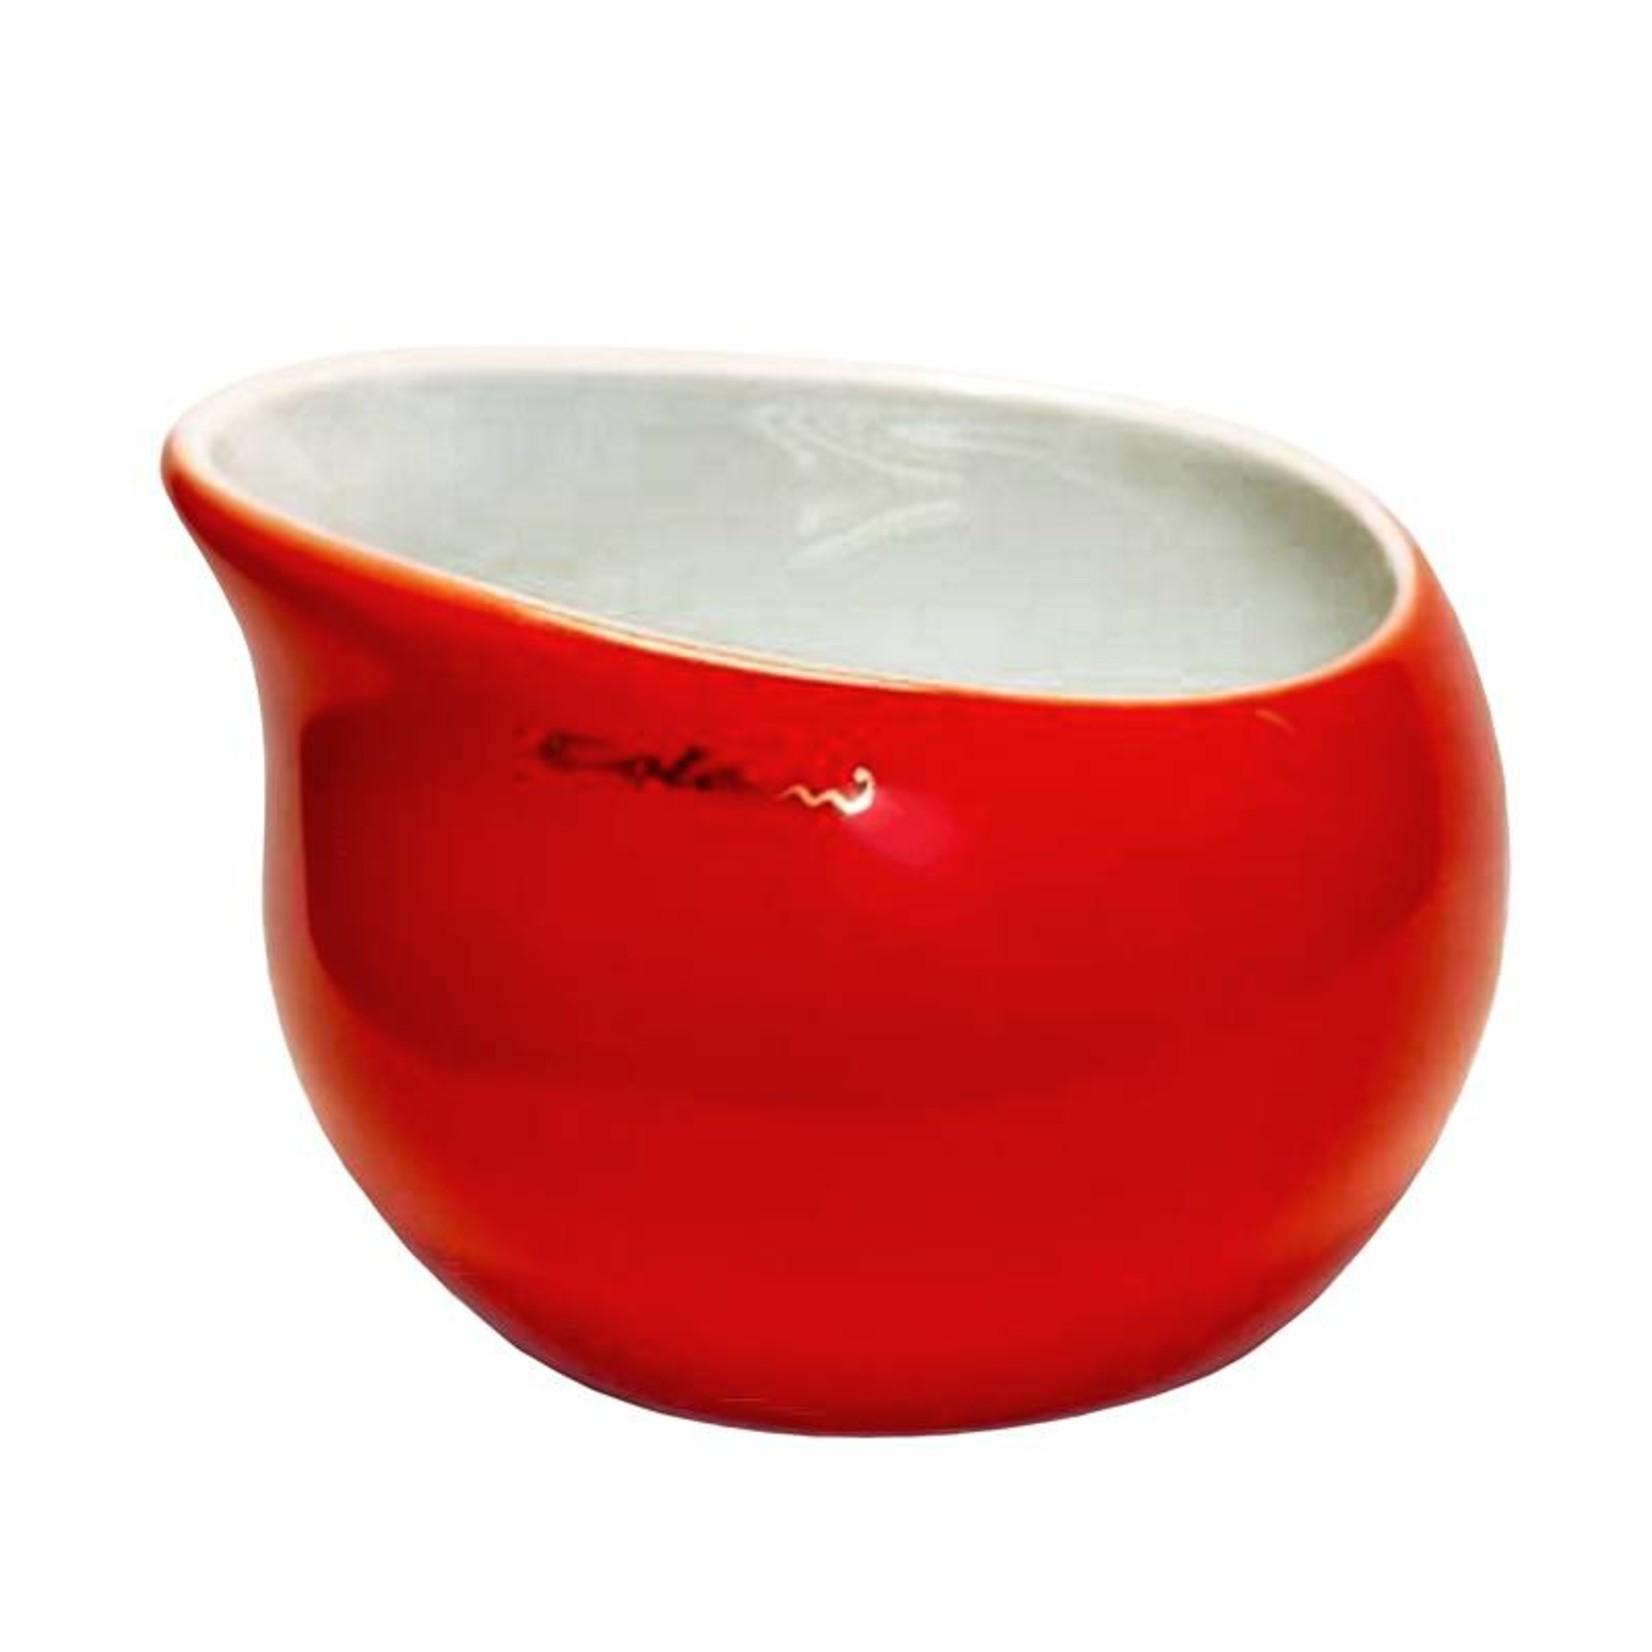 Colani Porzellanserie Colani Zuckerschale | rot | Design - Zuckergefäß | Porzellan